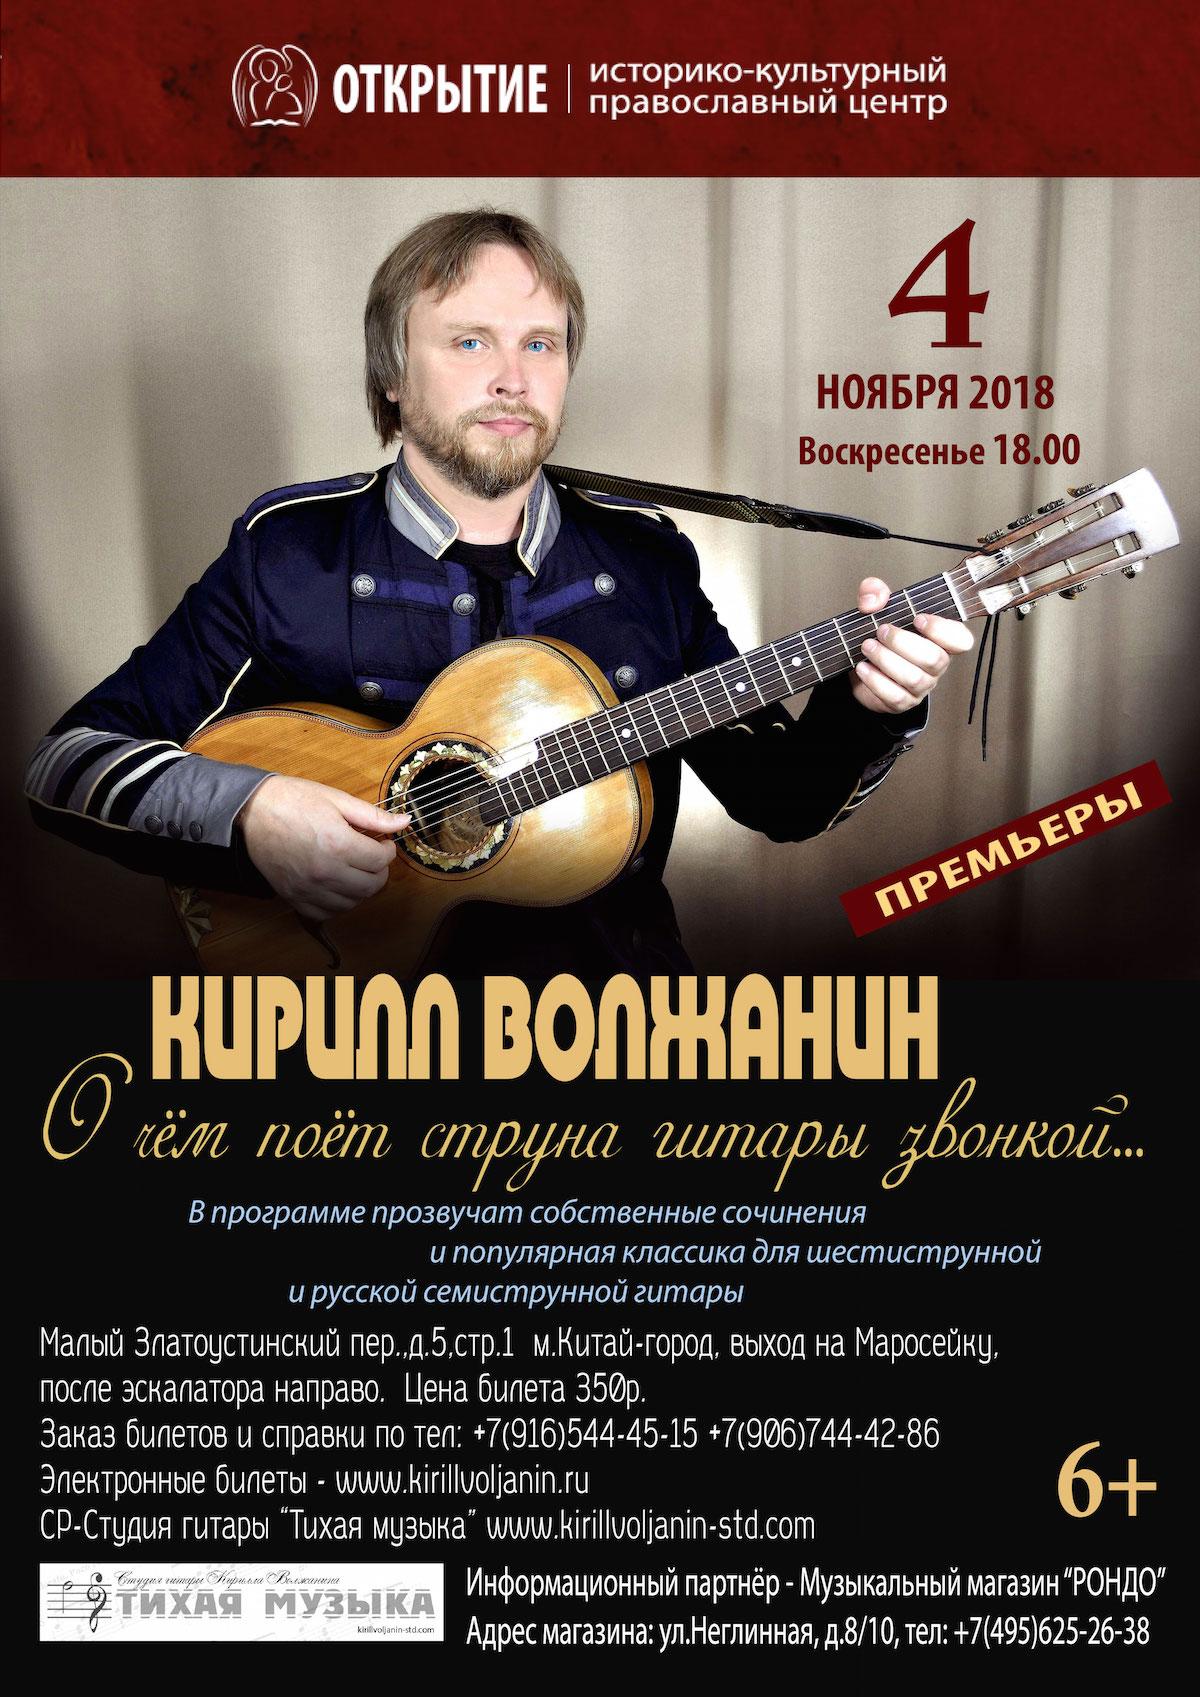 Концерт «О чём поёт струна гитары звонкой...» – события на сайте «Московские Сезоны»